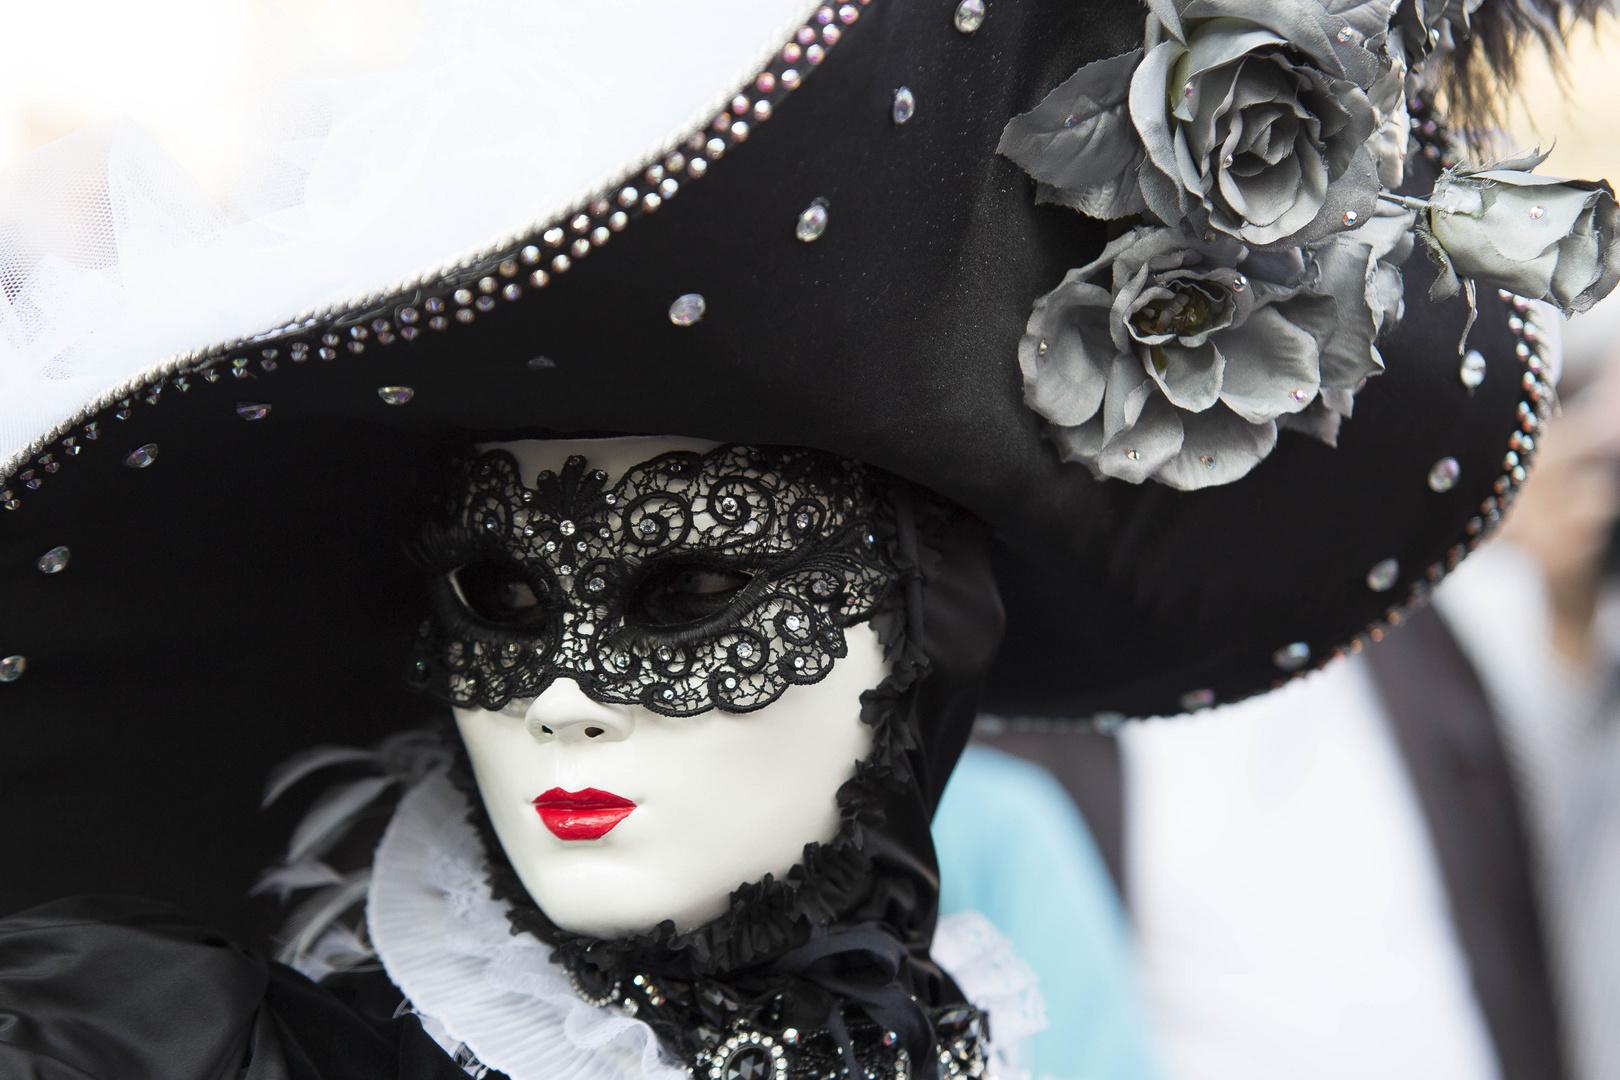 Defilee der Masken IV (Madame fatale)